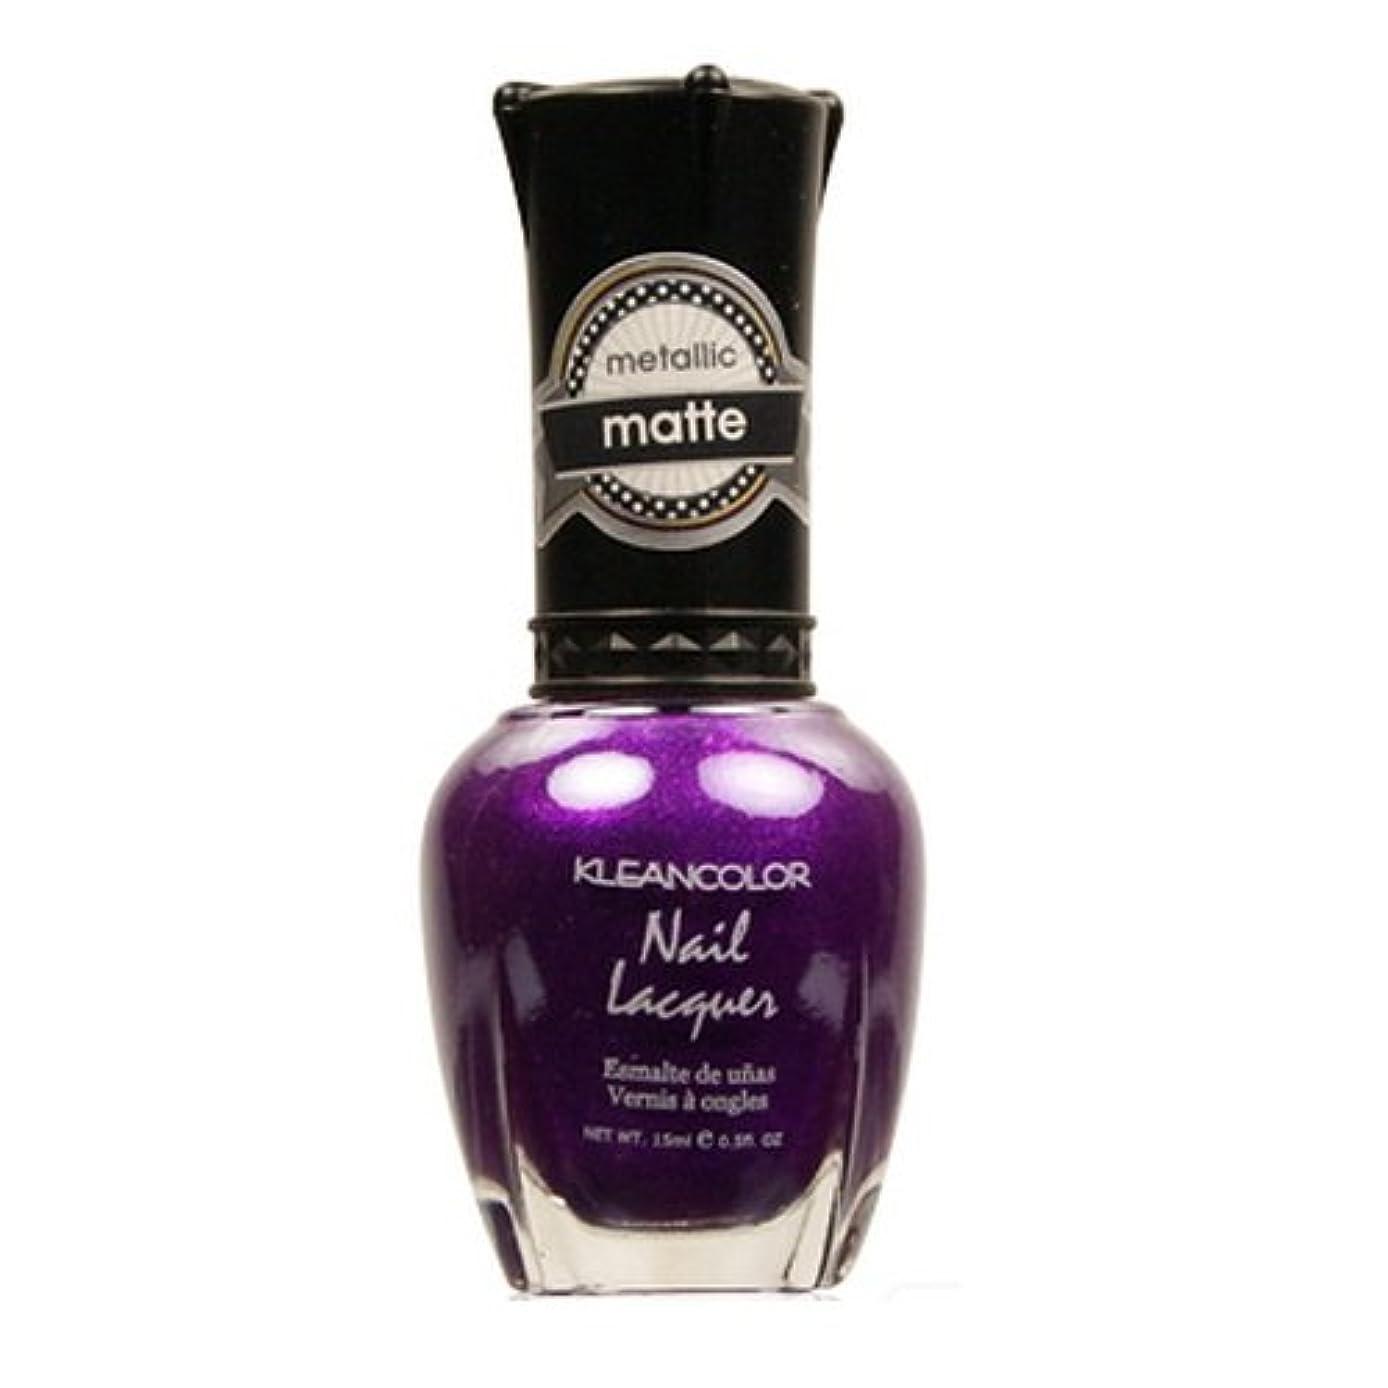 KLEANCOLOR Matte Nail Lacquer - Just Like Juliet (並行輸入品)